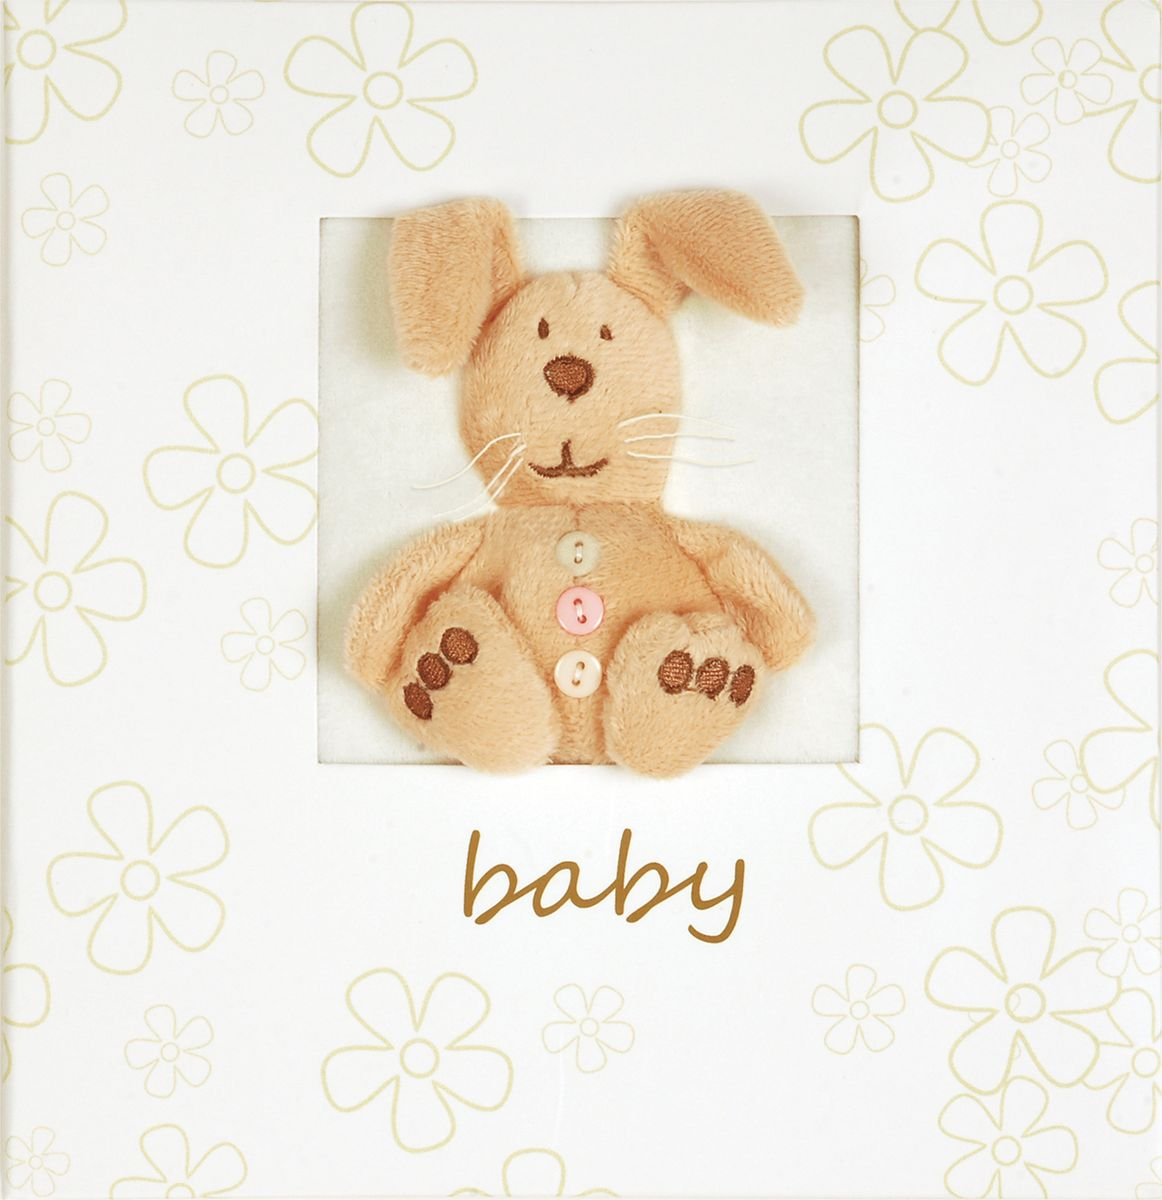 Фотоальбом Innova Plush Baby, цвет: белый, 160 фотографий, 10 x 15 смQ341292Детский фотоальбом Innova имеет обложку из плотного картона.Альбом рассчитан на 160 фотографий форматом 10 х 15 см. Страницы изготовлены из бумаги и скреплены книжным переплетом.Фотоальбом с плюшевой игрушкой является универсальным подарком к любому празднику. Родным, близким и просто знакомым будет приятно помещать фотографии в этот альбом.